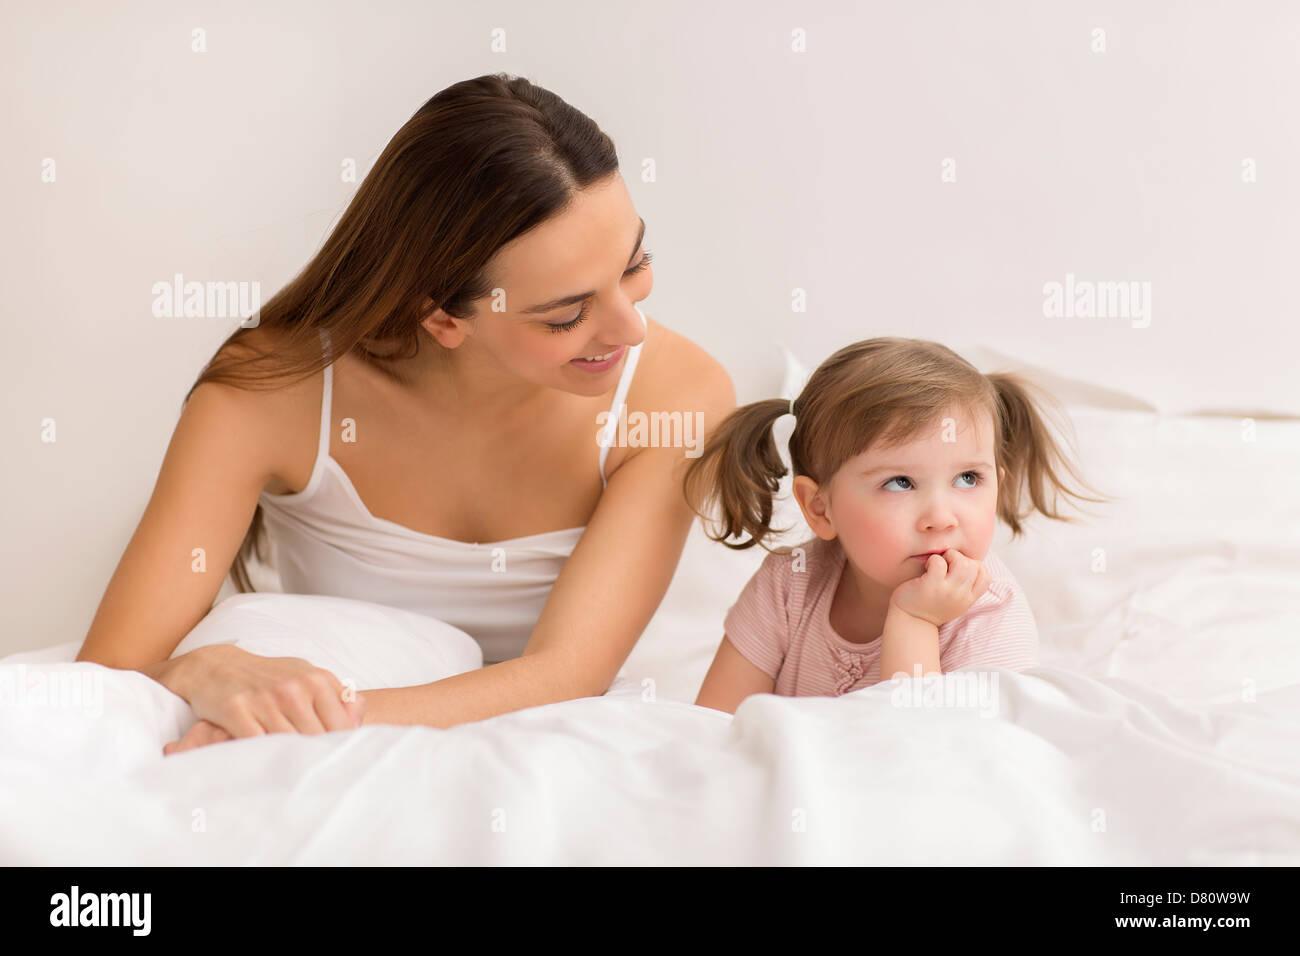 Controversia entre un niño y su madre en el dormitorio blanco Imagen De Stock